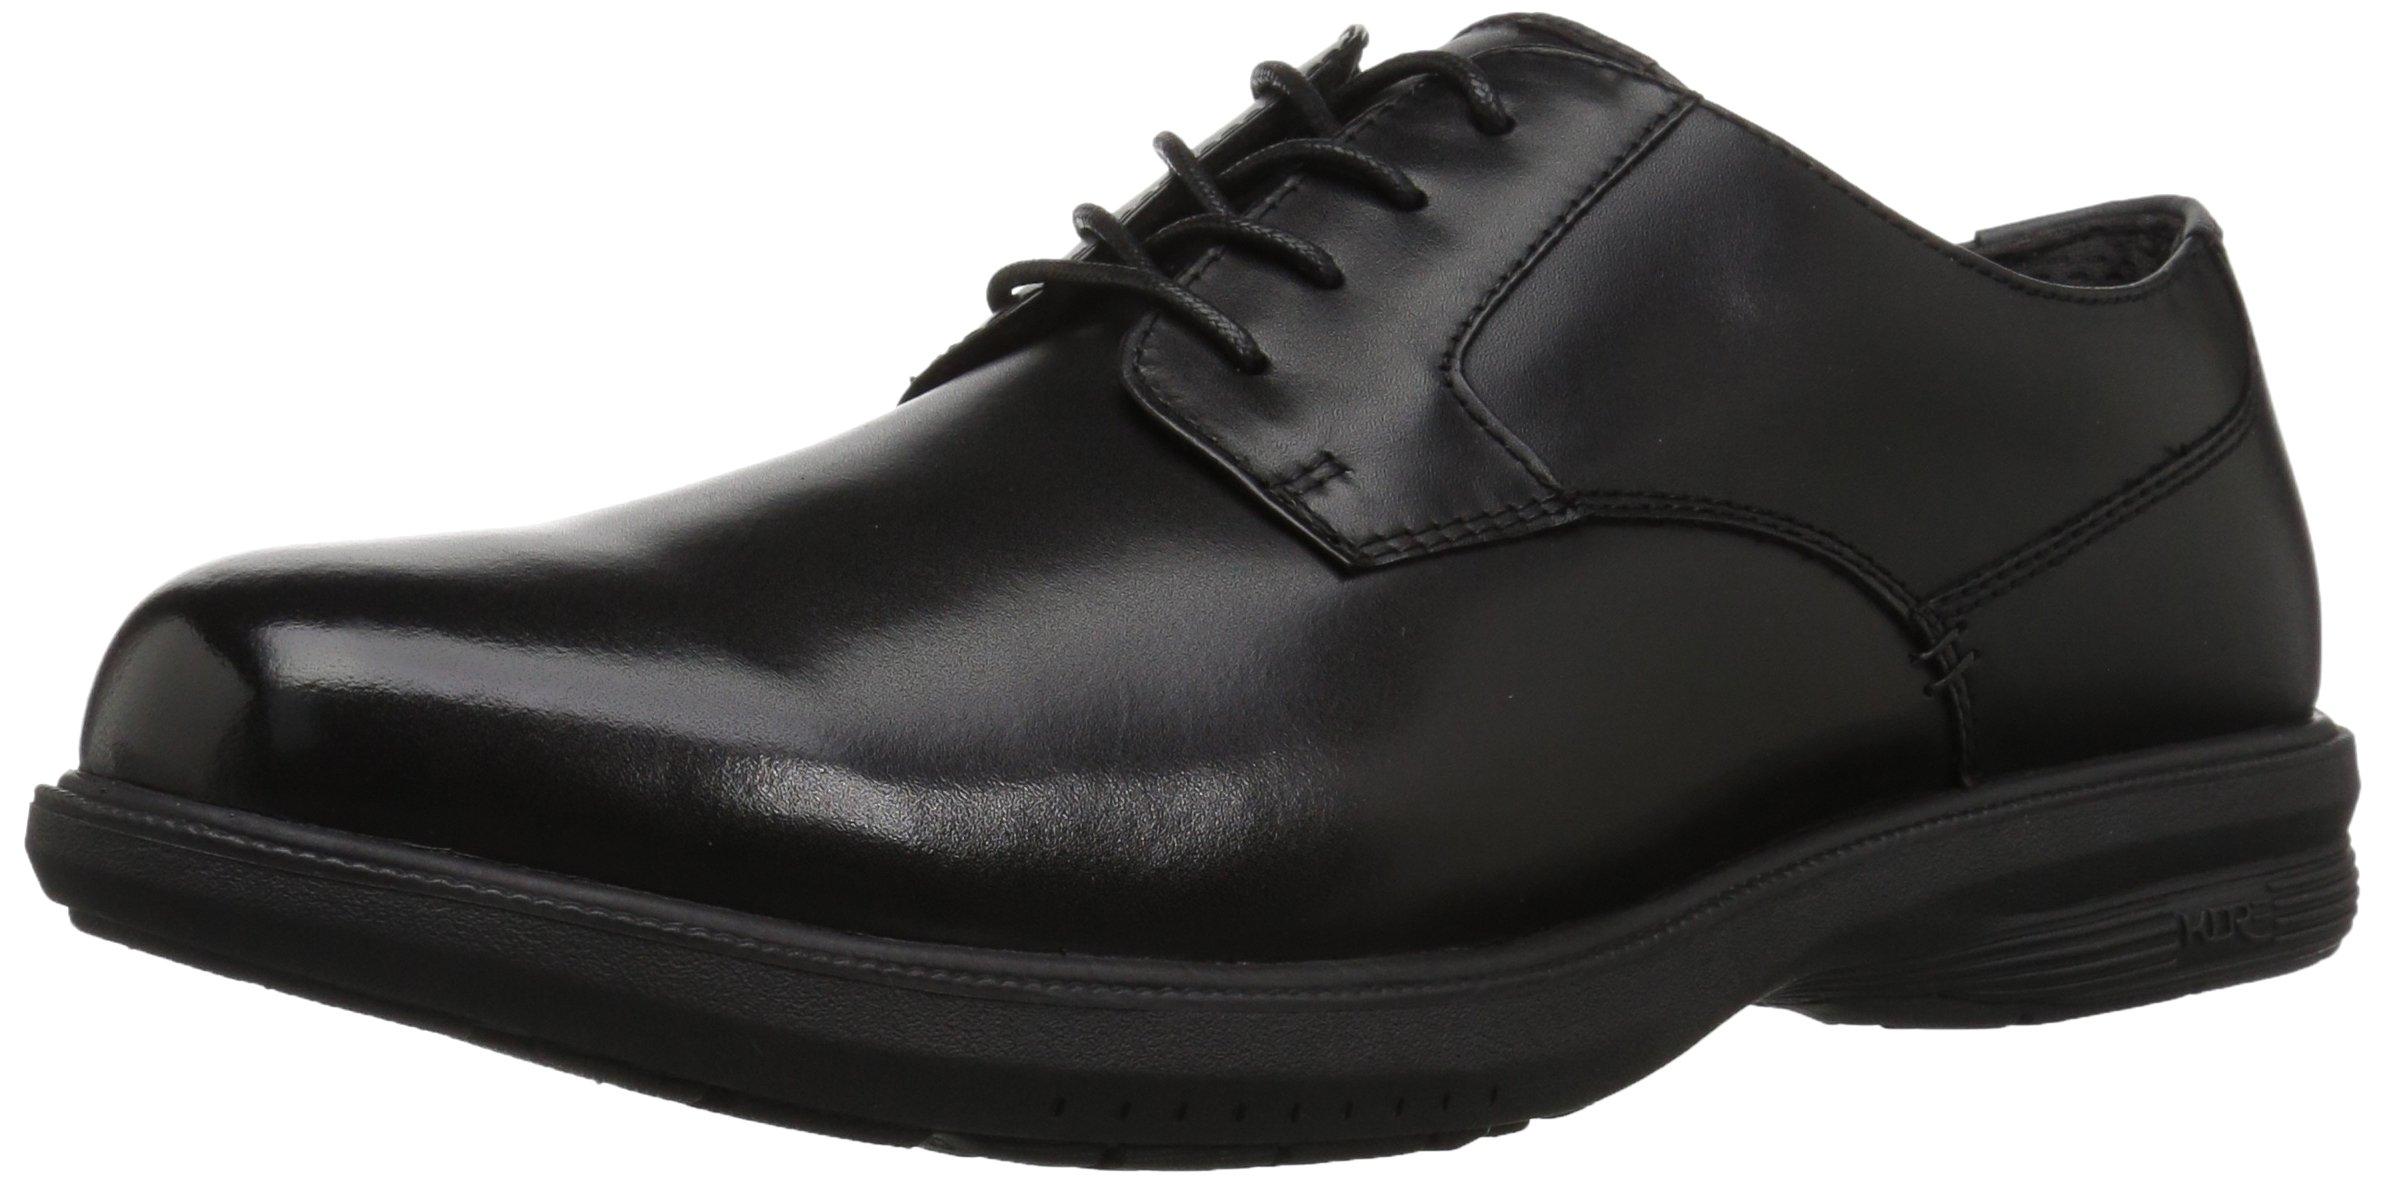 Nunn Bush Men's Messina Plain Toe Oxford, Black, 10.5 M US